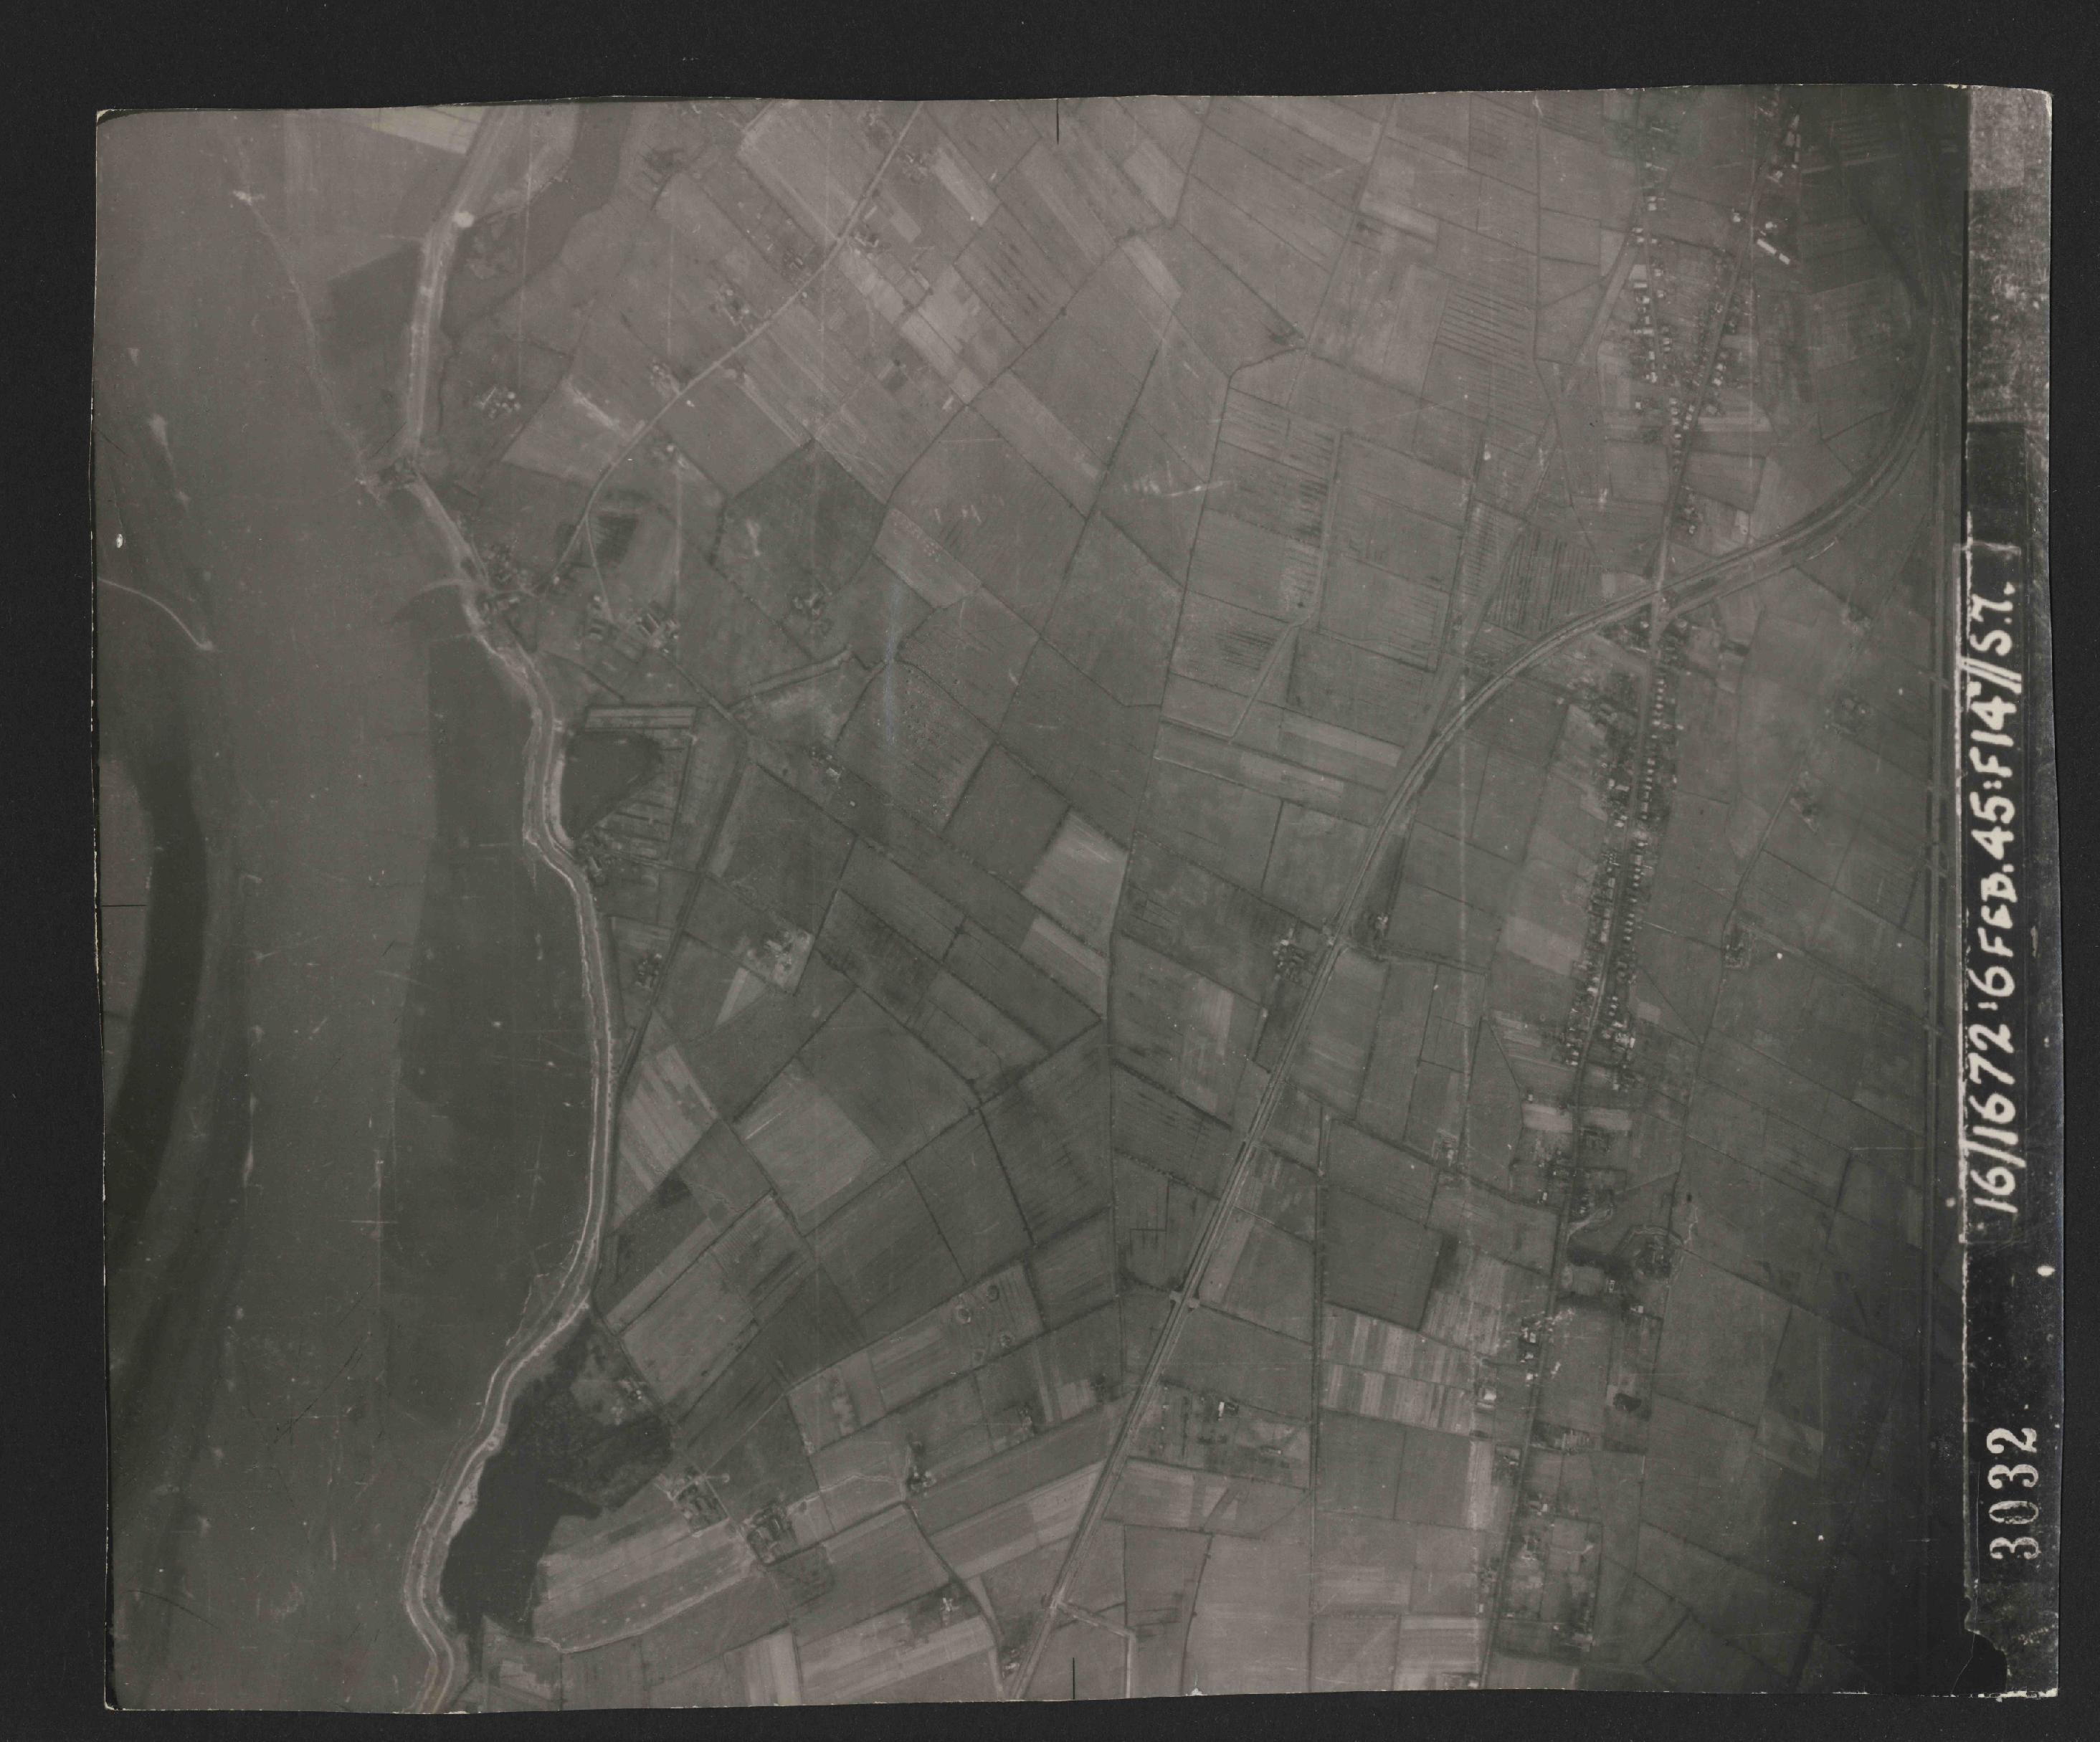 Collection RAF aerial photos 1940-1945 - flight 157, run 05, photo 3032